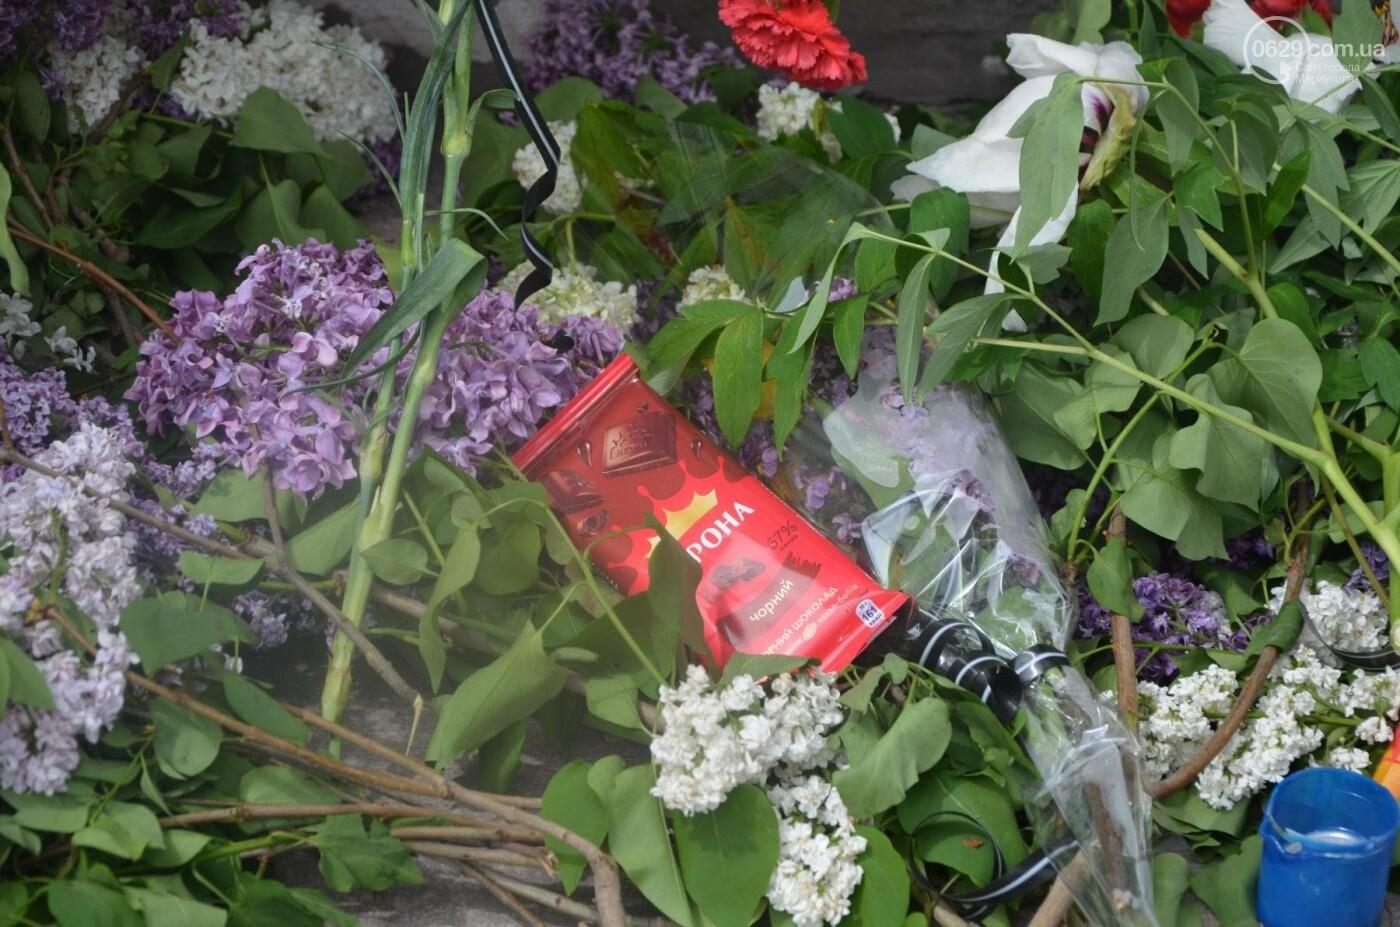 """""""Попалили людей, а теперь флаги вешаете!"""" Мариупольцы несут цветы к сгоревшему ГУВД, - ФОТОРЕПОРТАЖ+ВИДЕО, фото-20"""